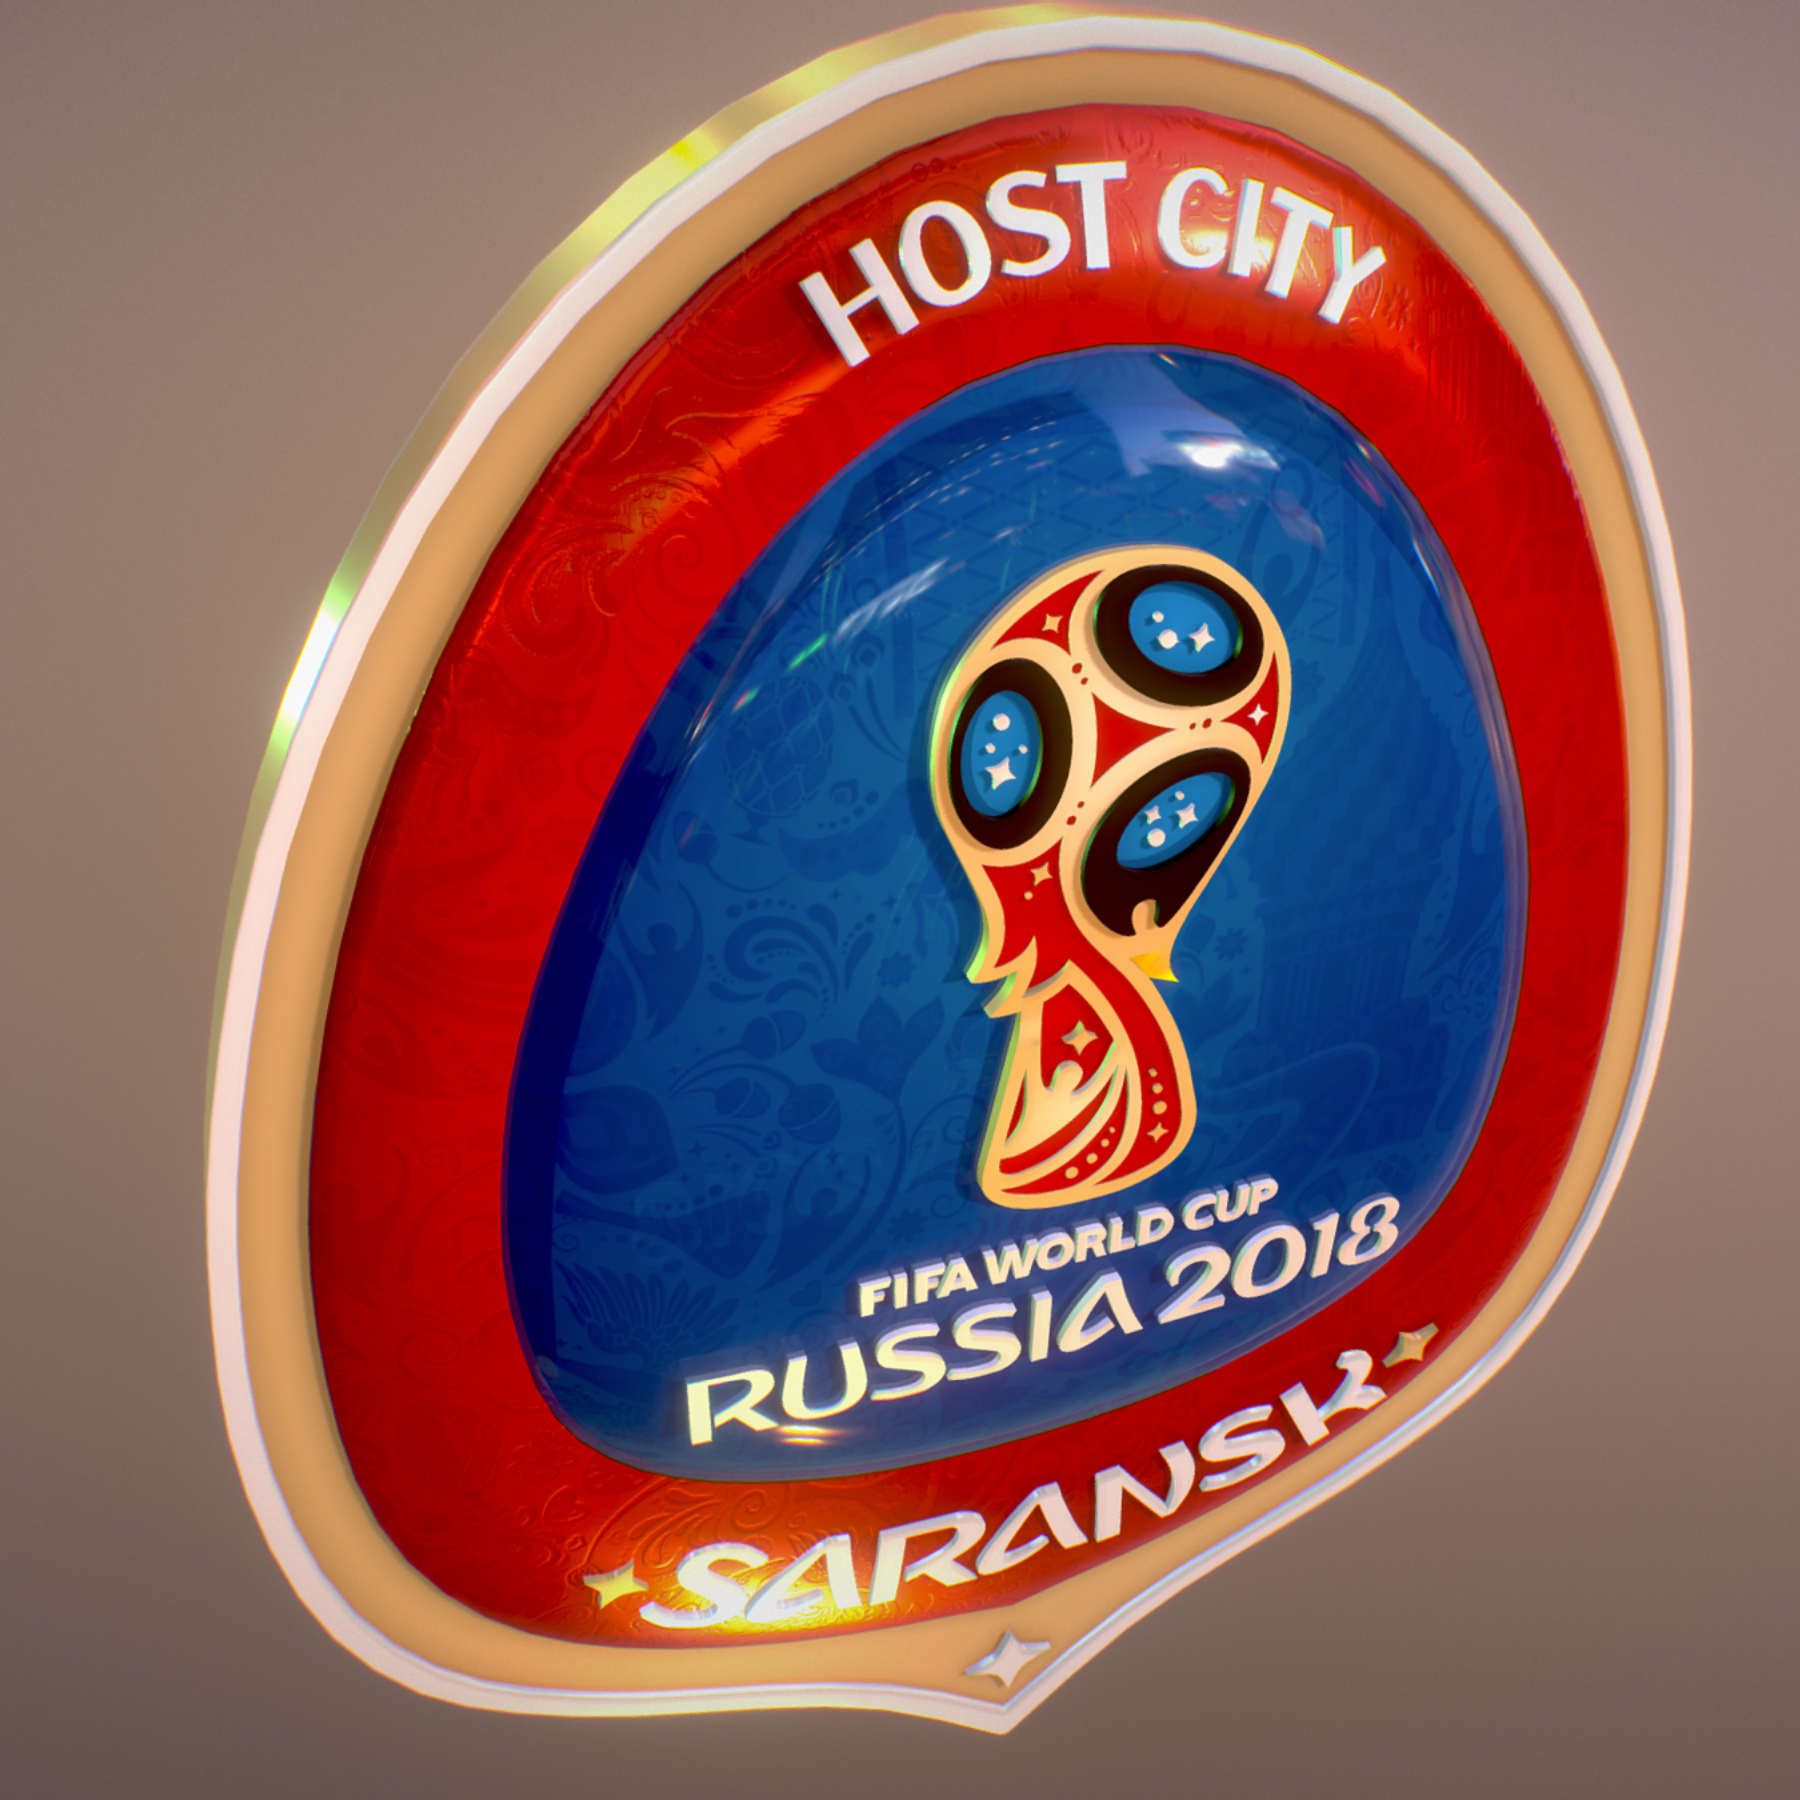 saransk domaćin grad svjetski kup rusija 2018 simbol 3d model max fbx cob jpeg jpg ma mb obj 271847